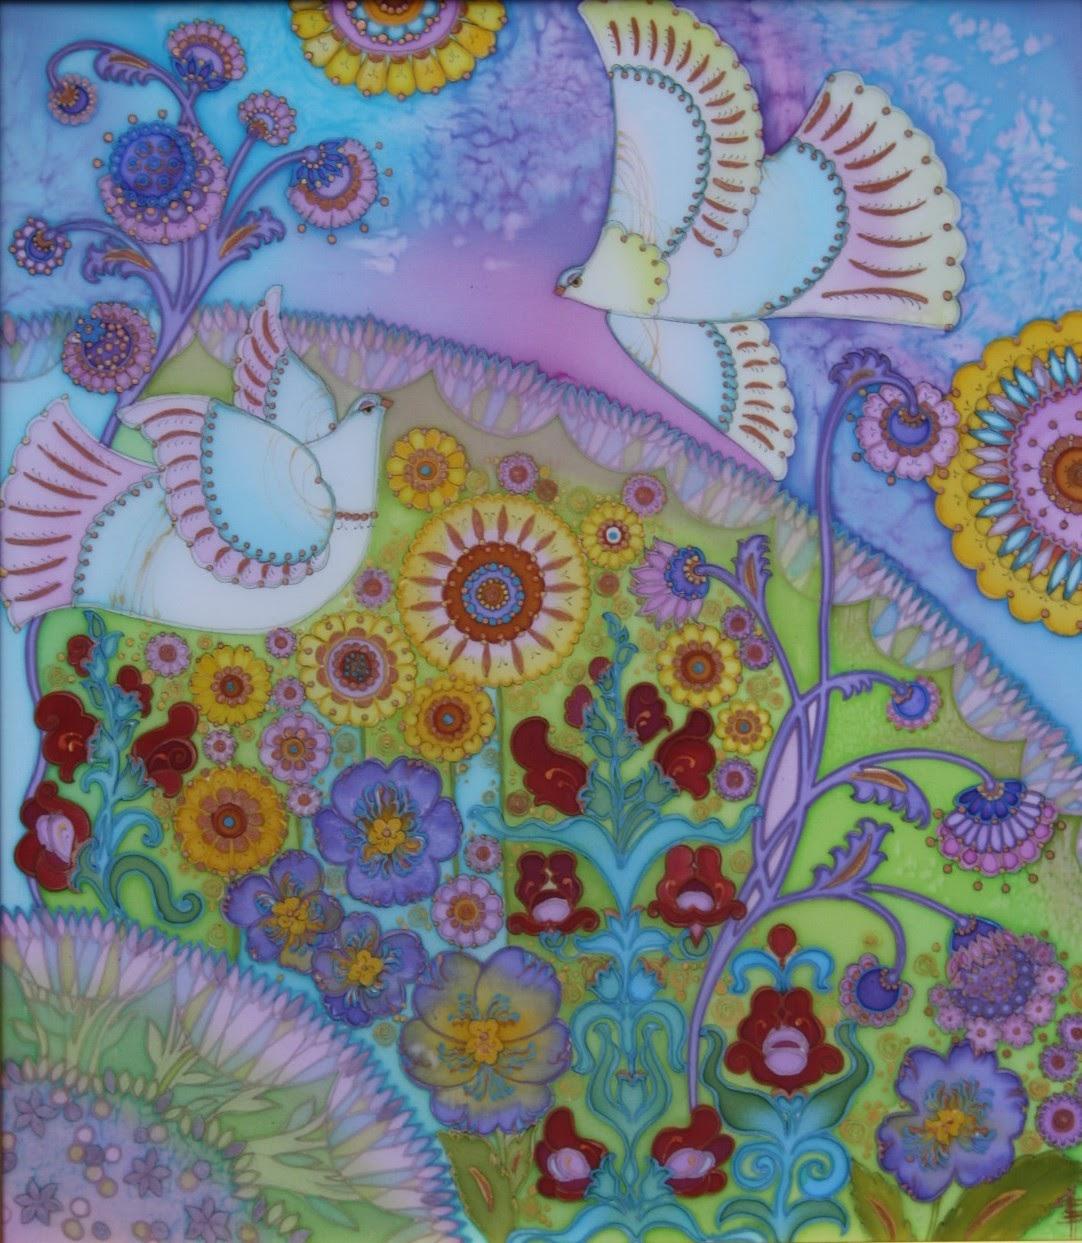 Любимый сад, батик (роспись по шелку), художник Пилипенко Виктория